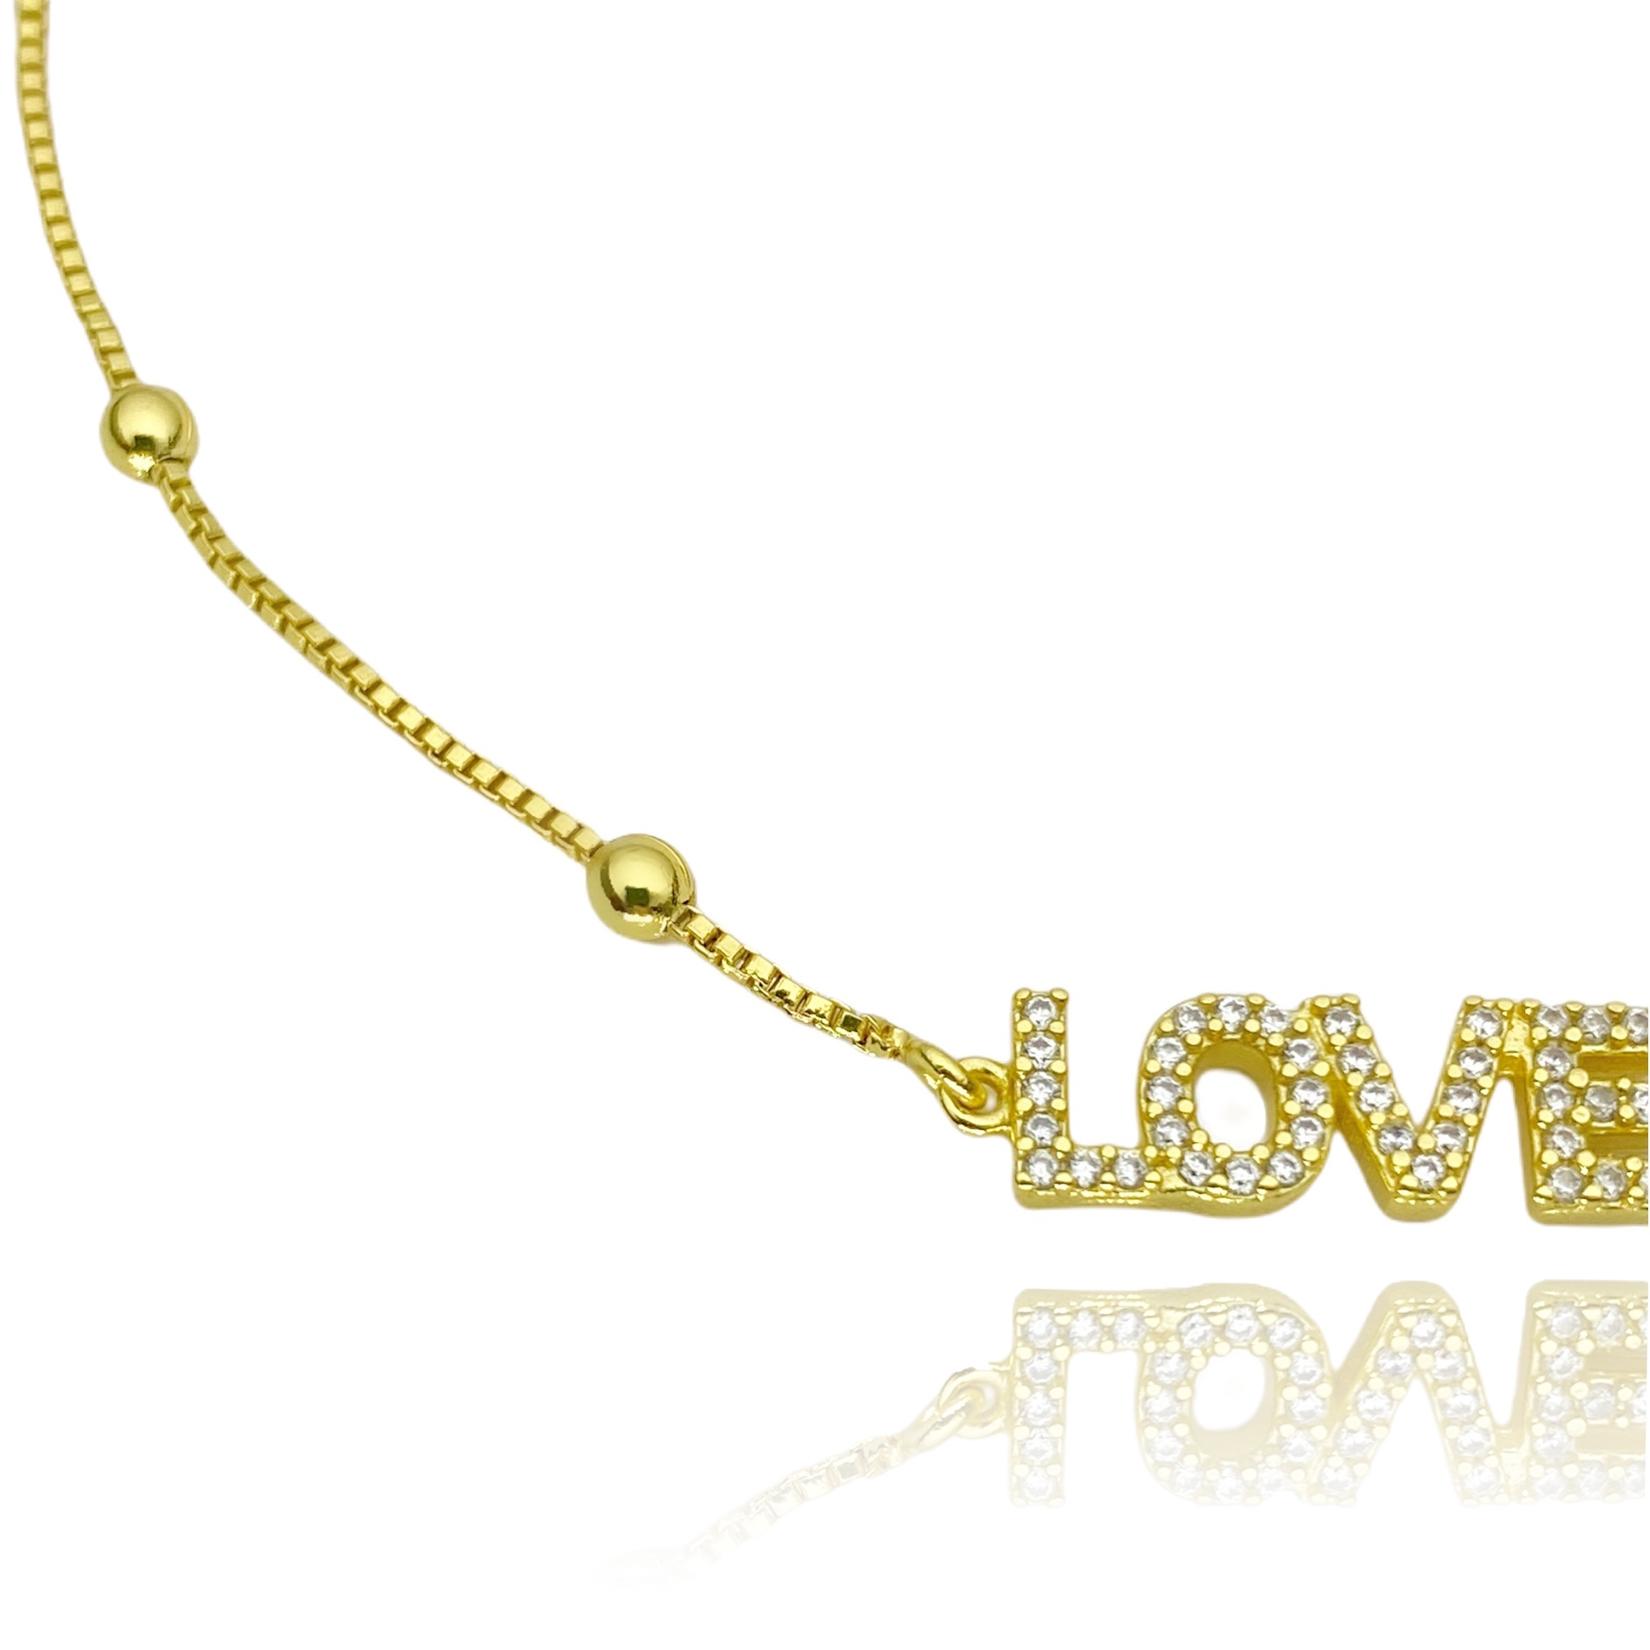 Pulseira Veneziana com Love Cravejado em Zircônia (Banho Ouro 24k)